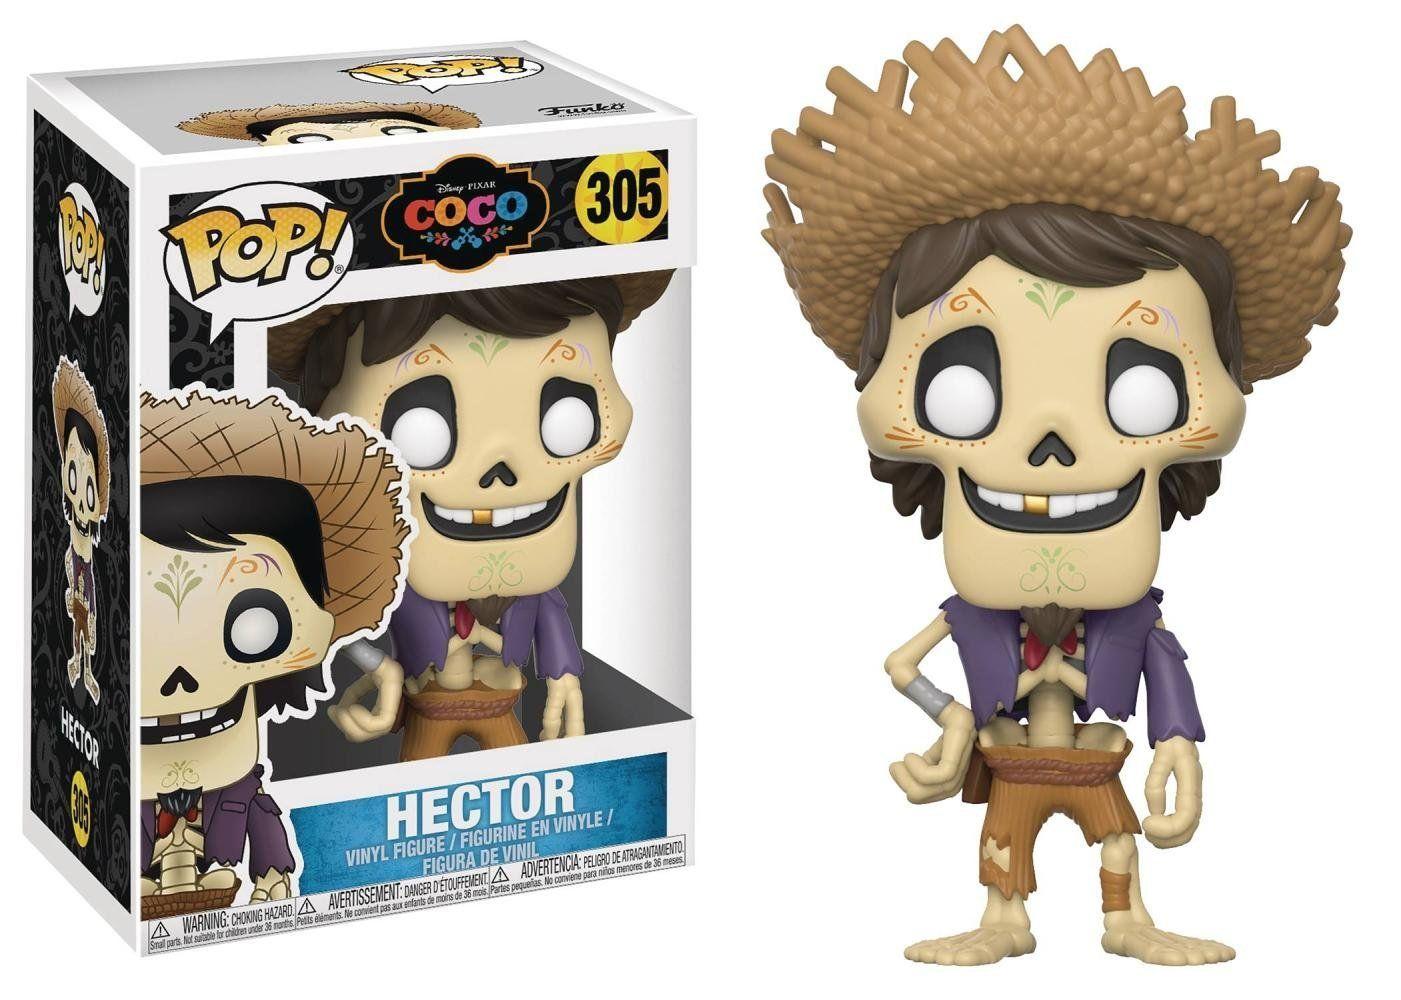 Disney Coco Figura De Vinilo Pop 3 Funko 14769 Amazon Es